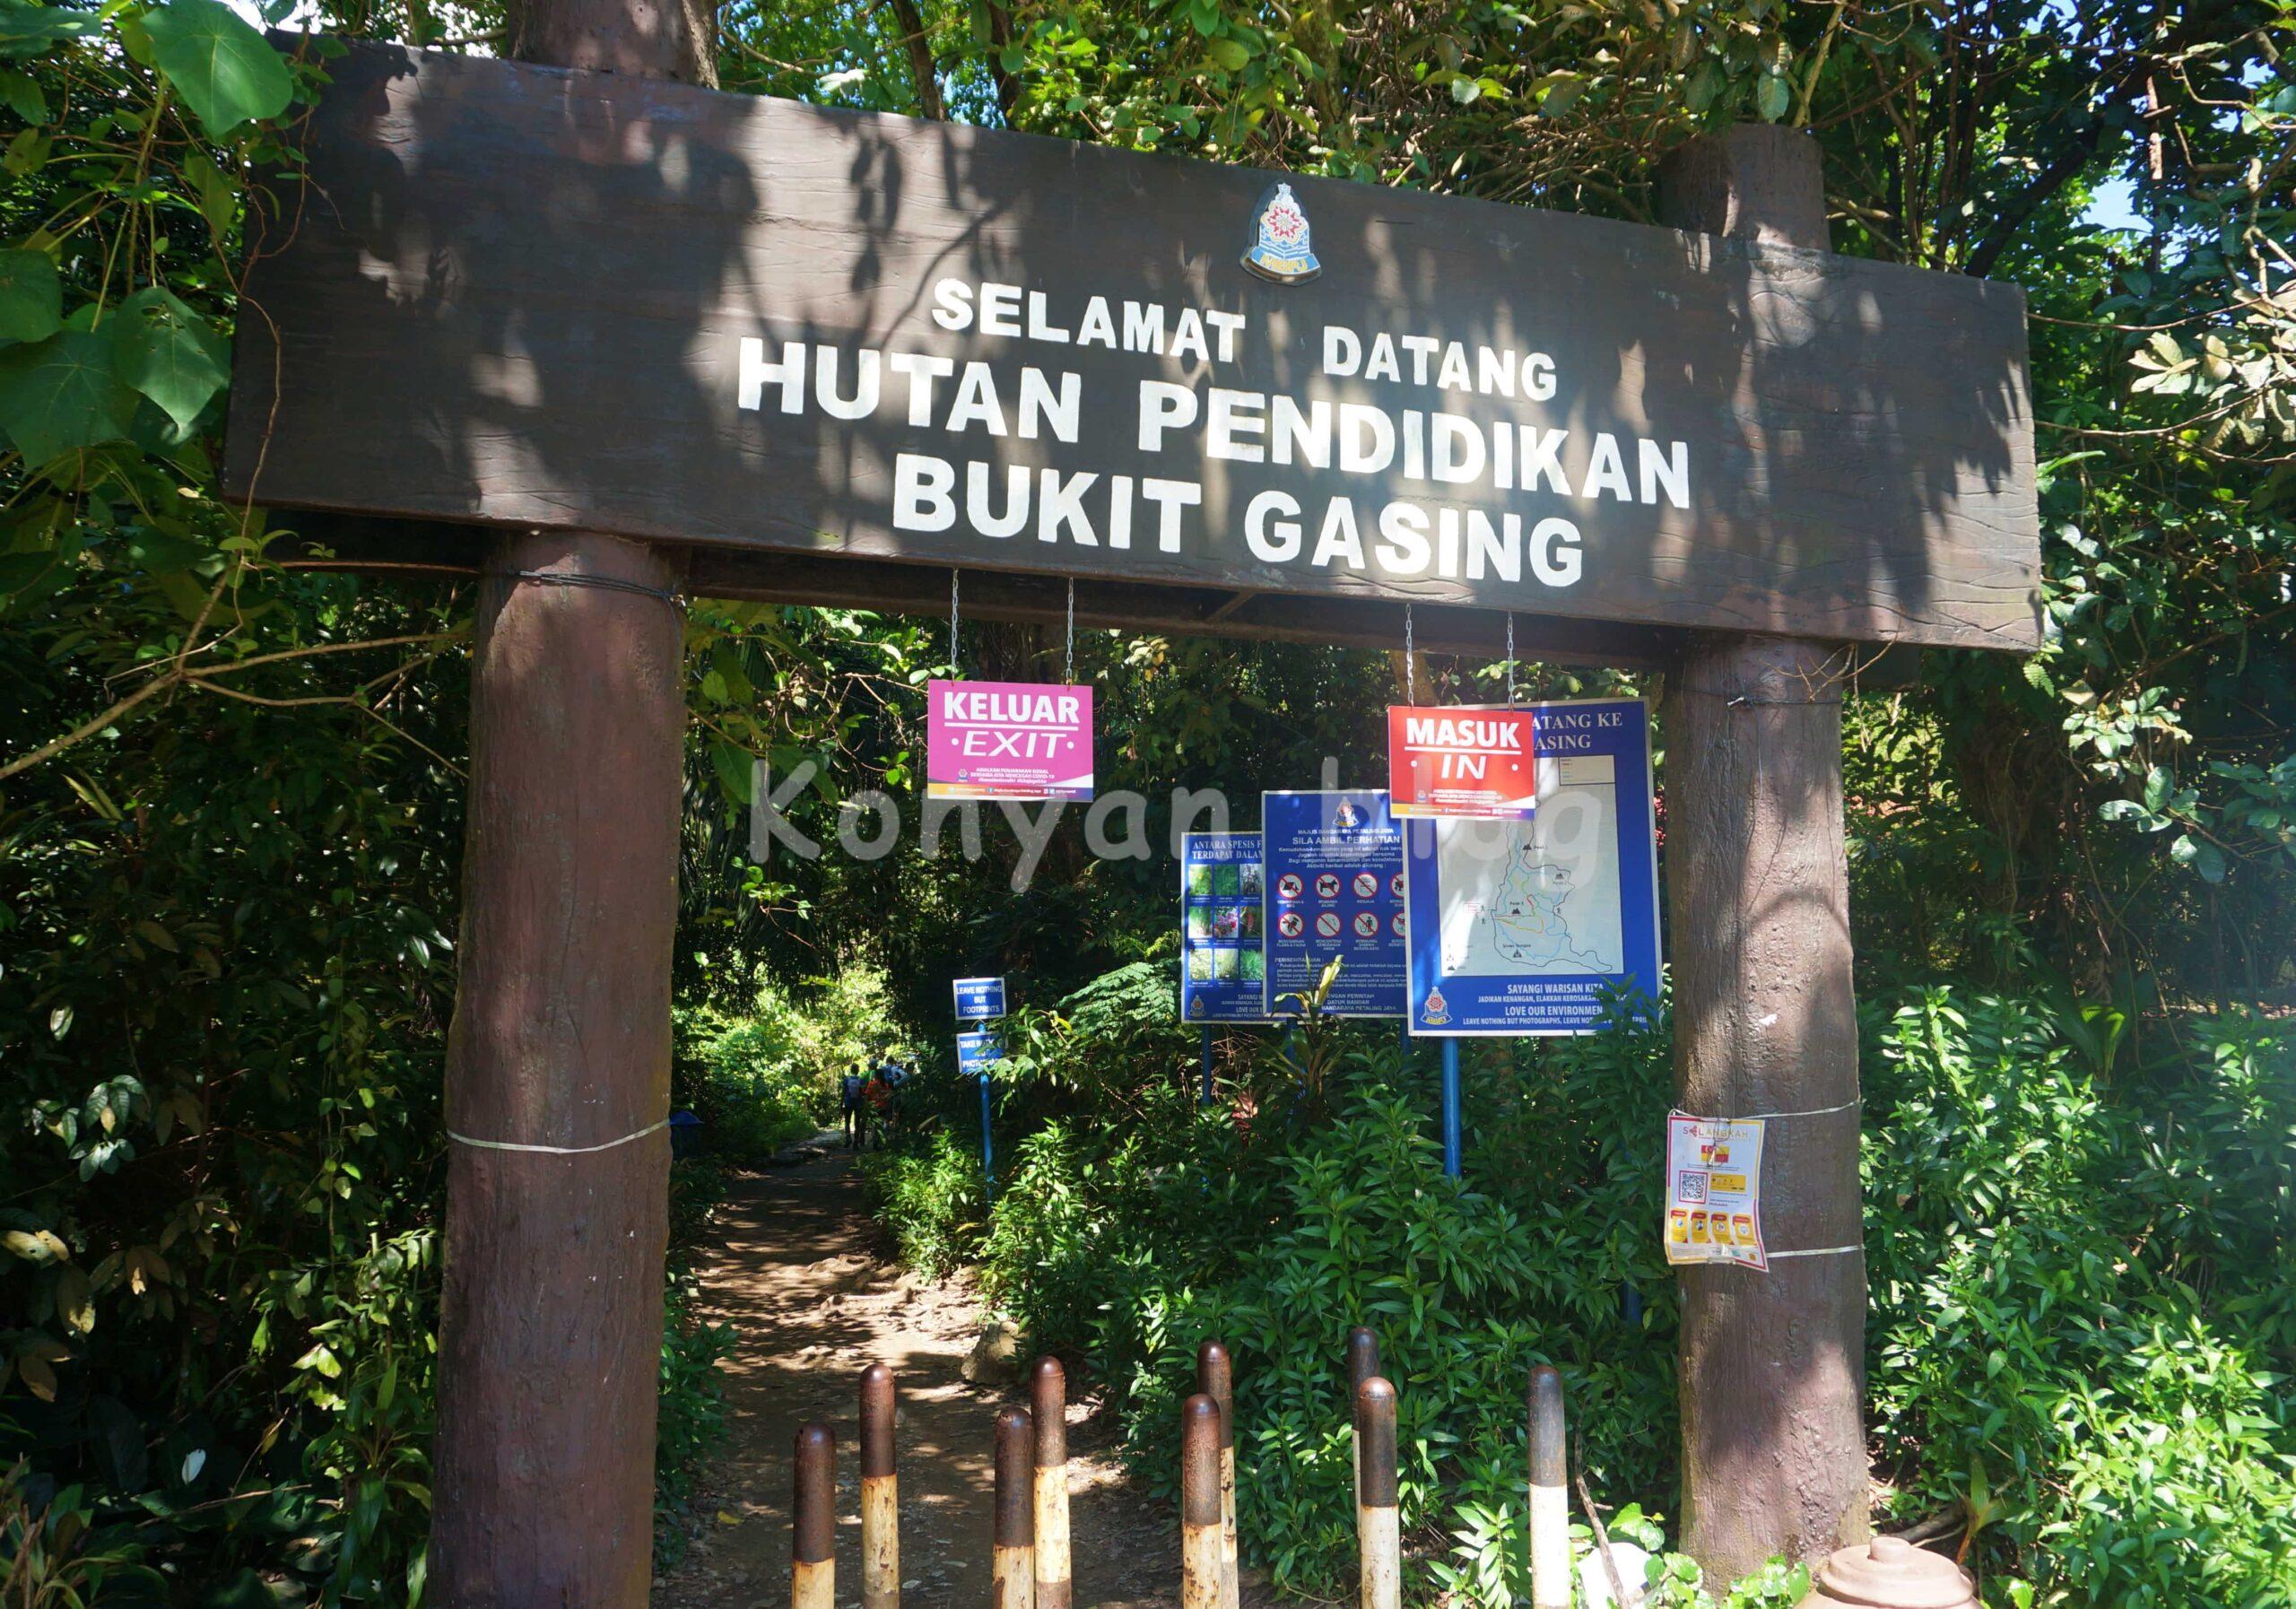 Hutan Pendidikan Bukit Gasing